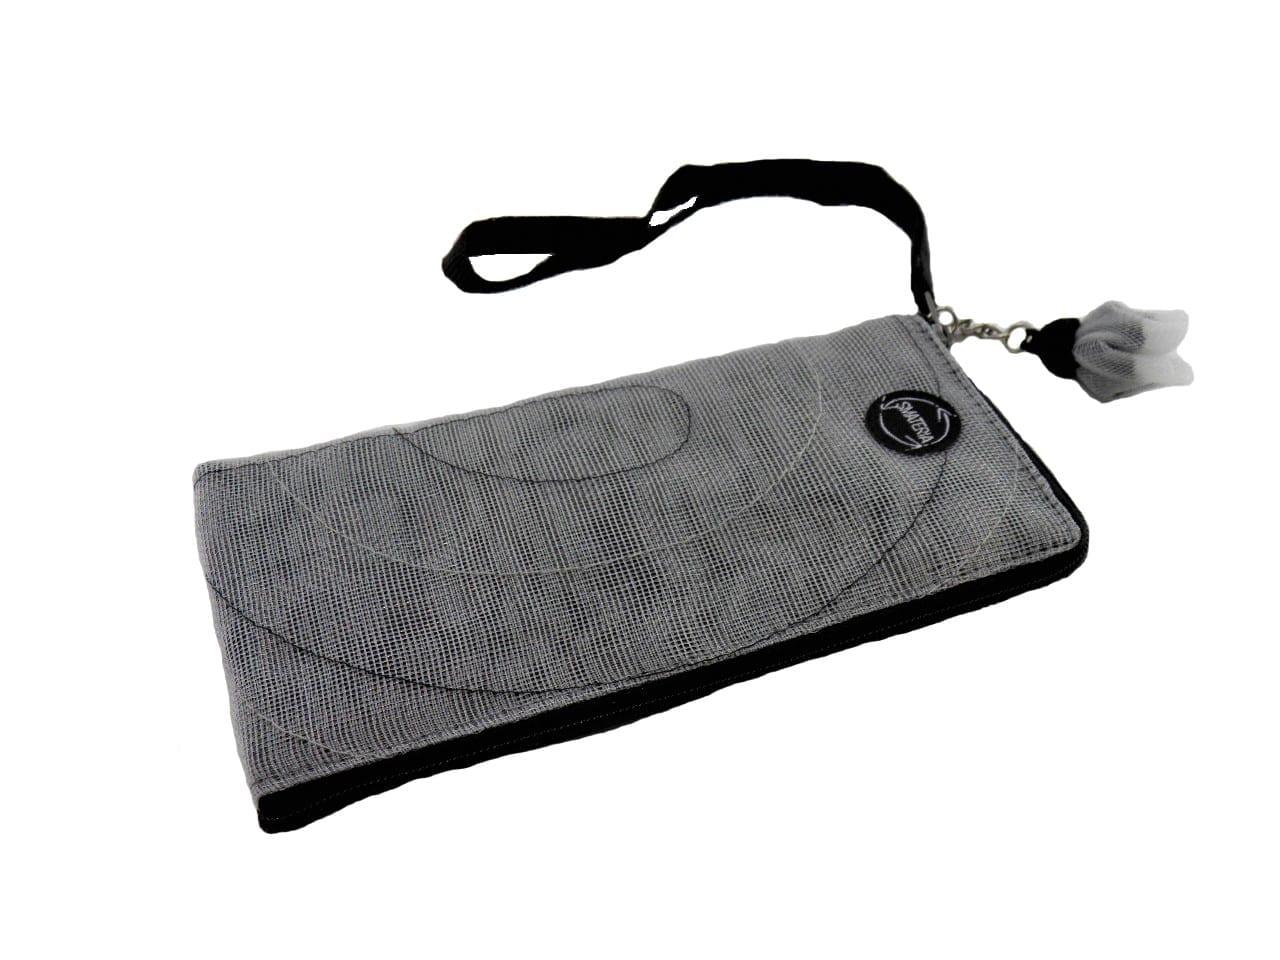 La Pochette Cellulaire éthique - iPhone6 (P62S) - Gris